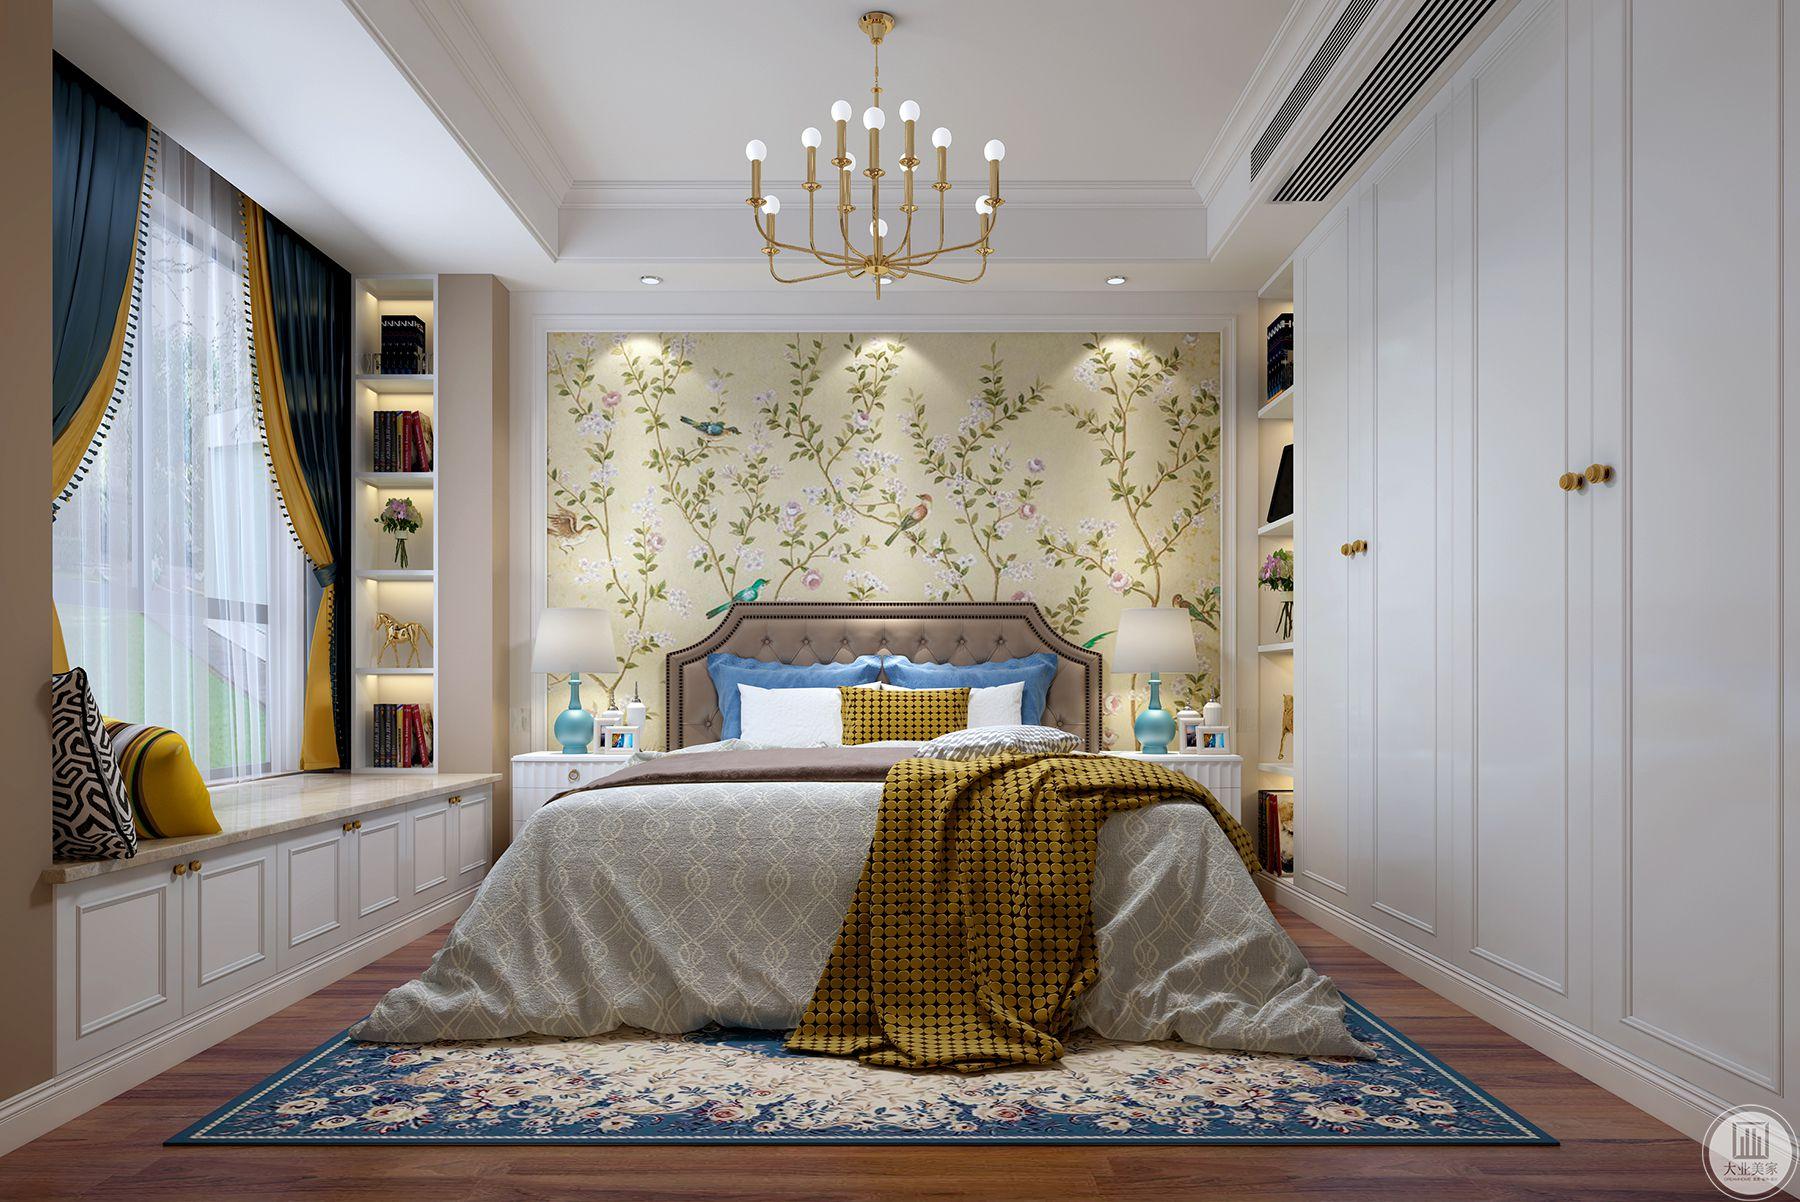 卧室主要以居住舒服为主以温馨为主。